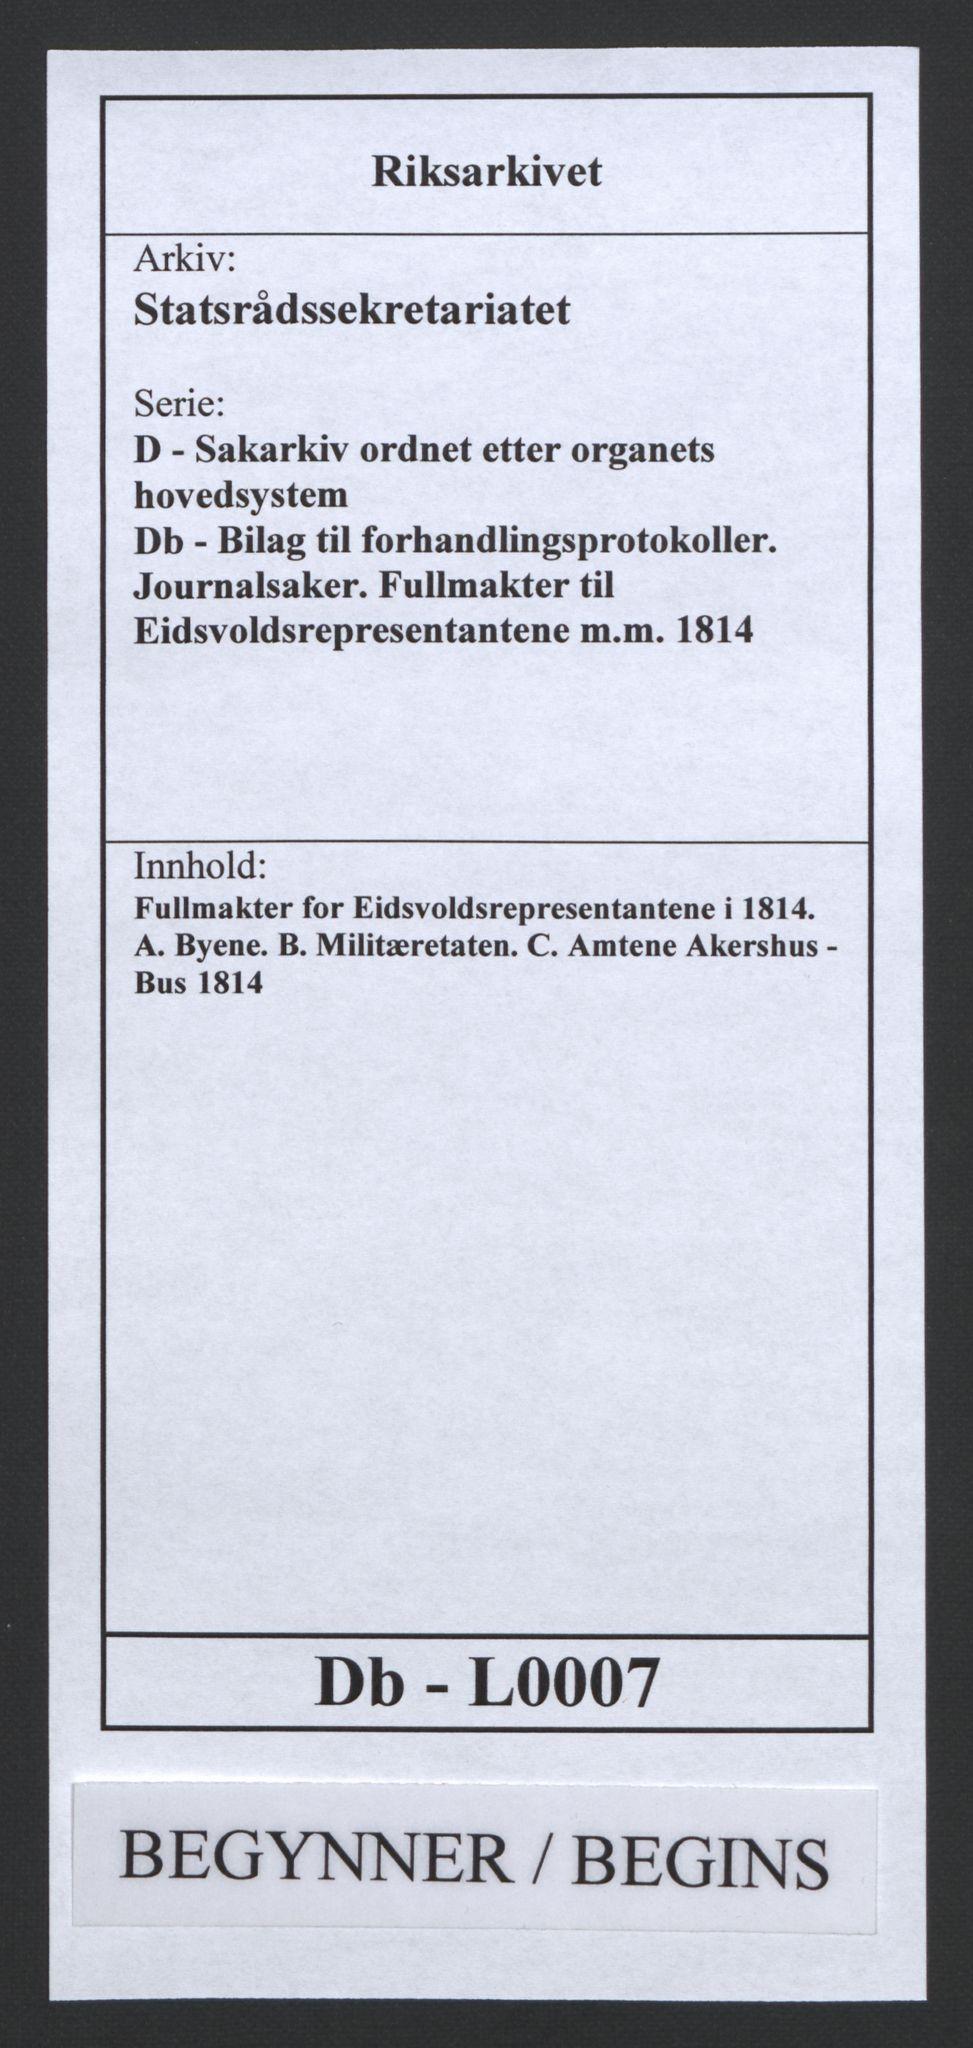 RA, Statsrådssekretariatet, D/Db/L0007: Fullmakter for Eidsvollsrepresentantene i 1814. , 1814, s. 1